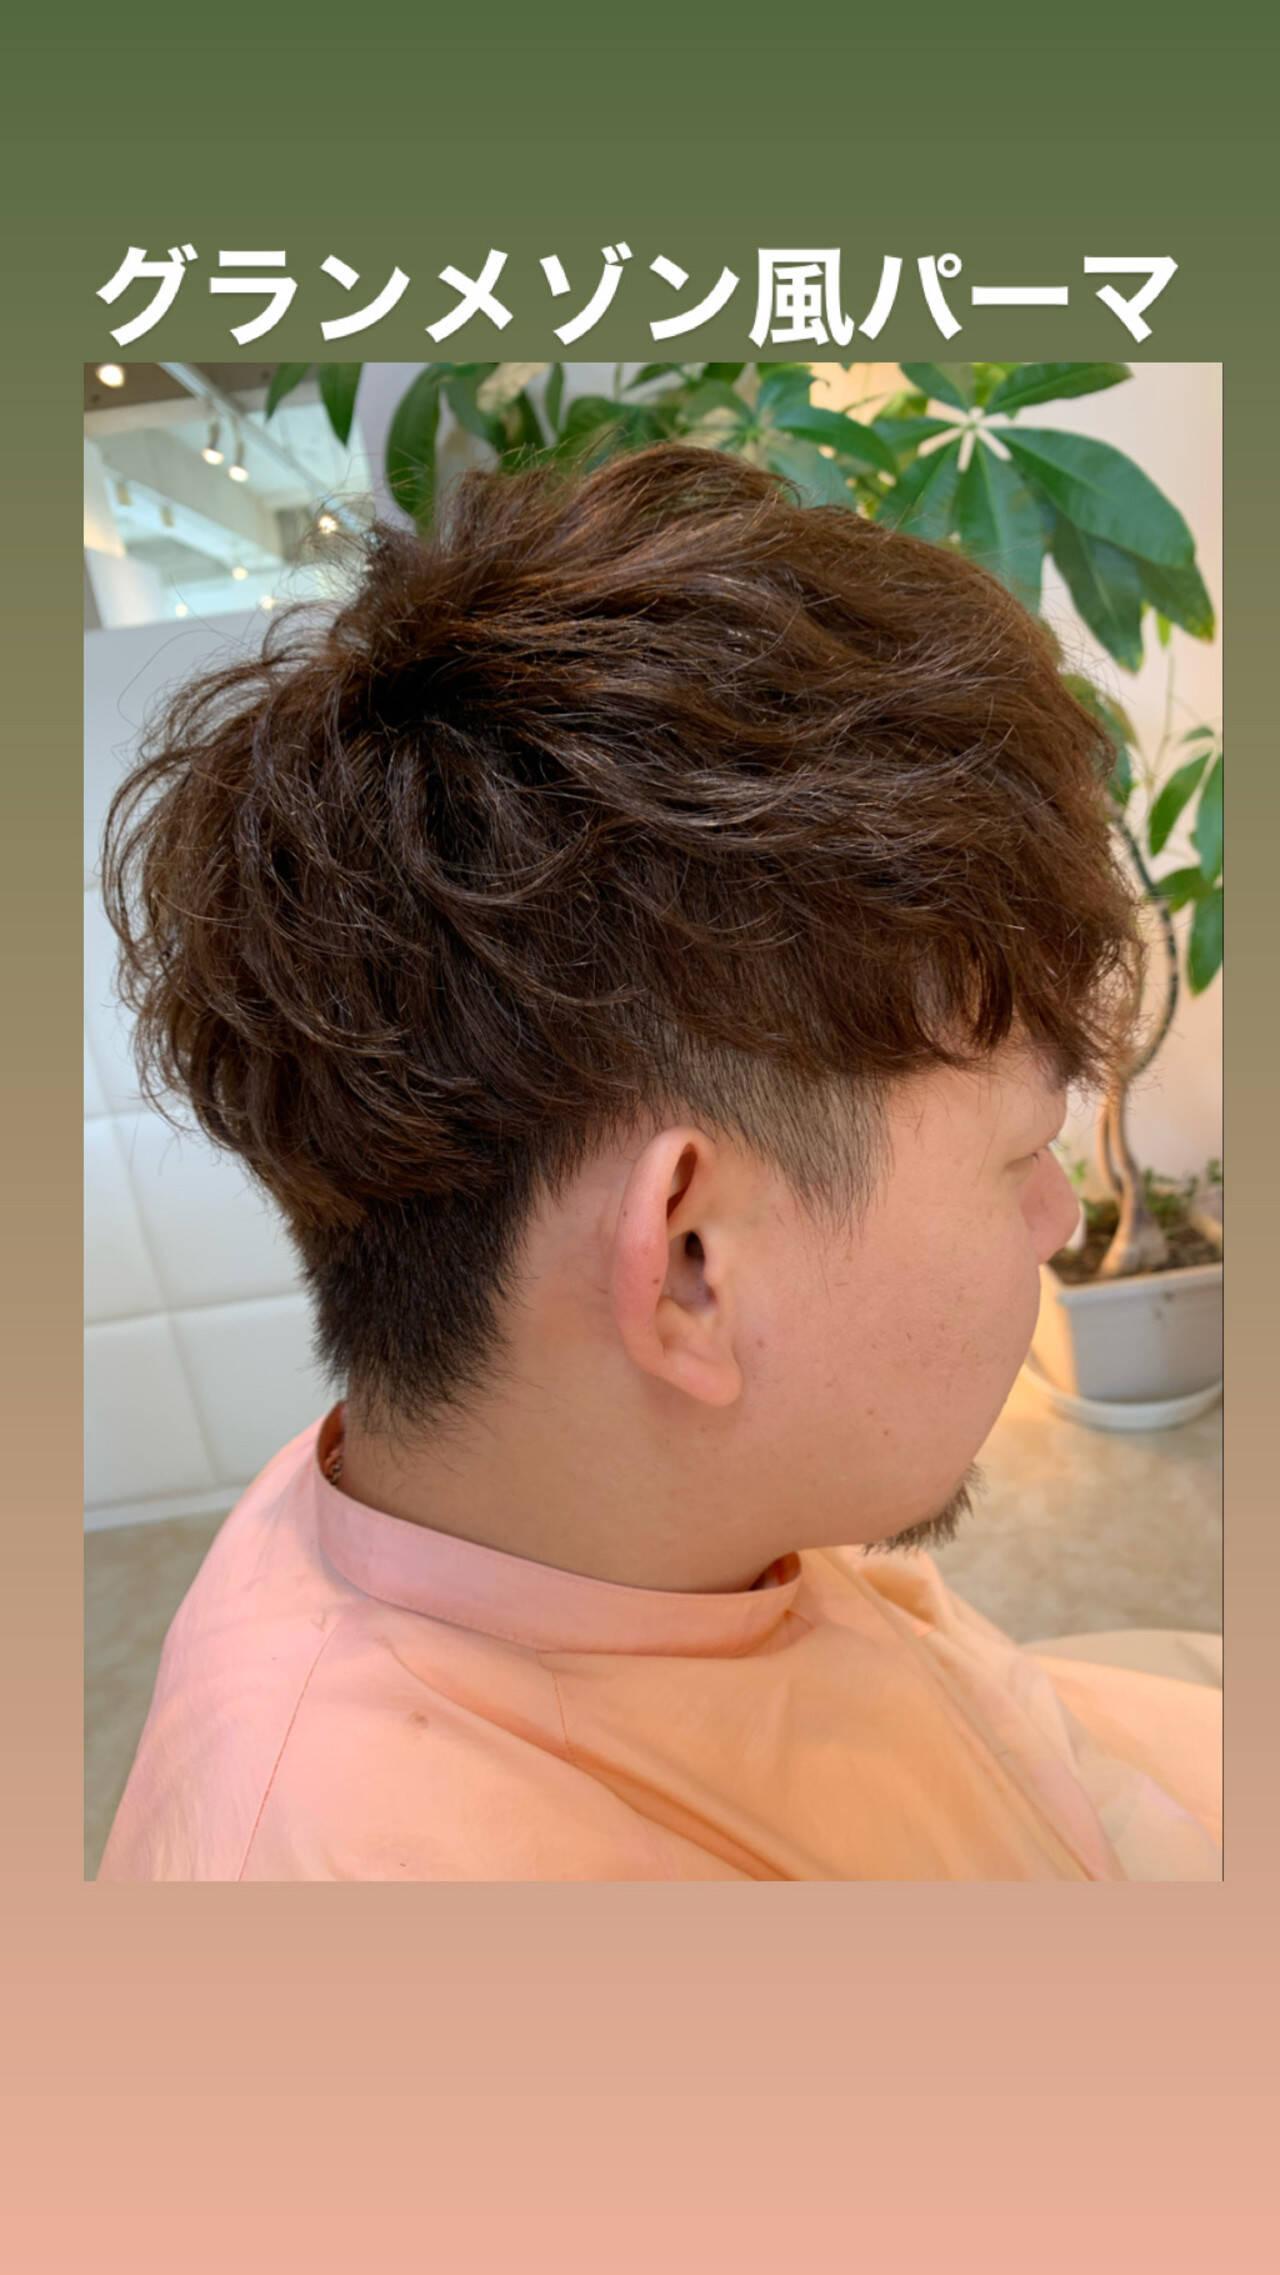 ショート ナチュラル ミニボブ ウルフカットヘアスタイルや髪型の写真・画像